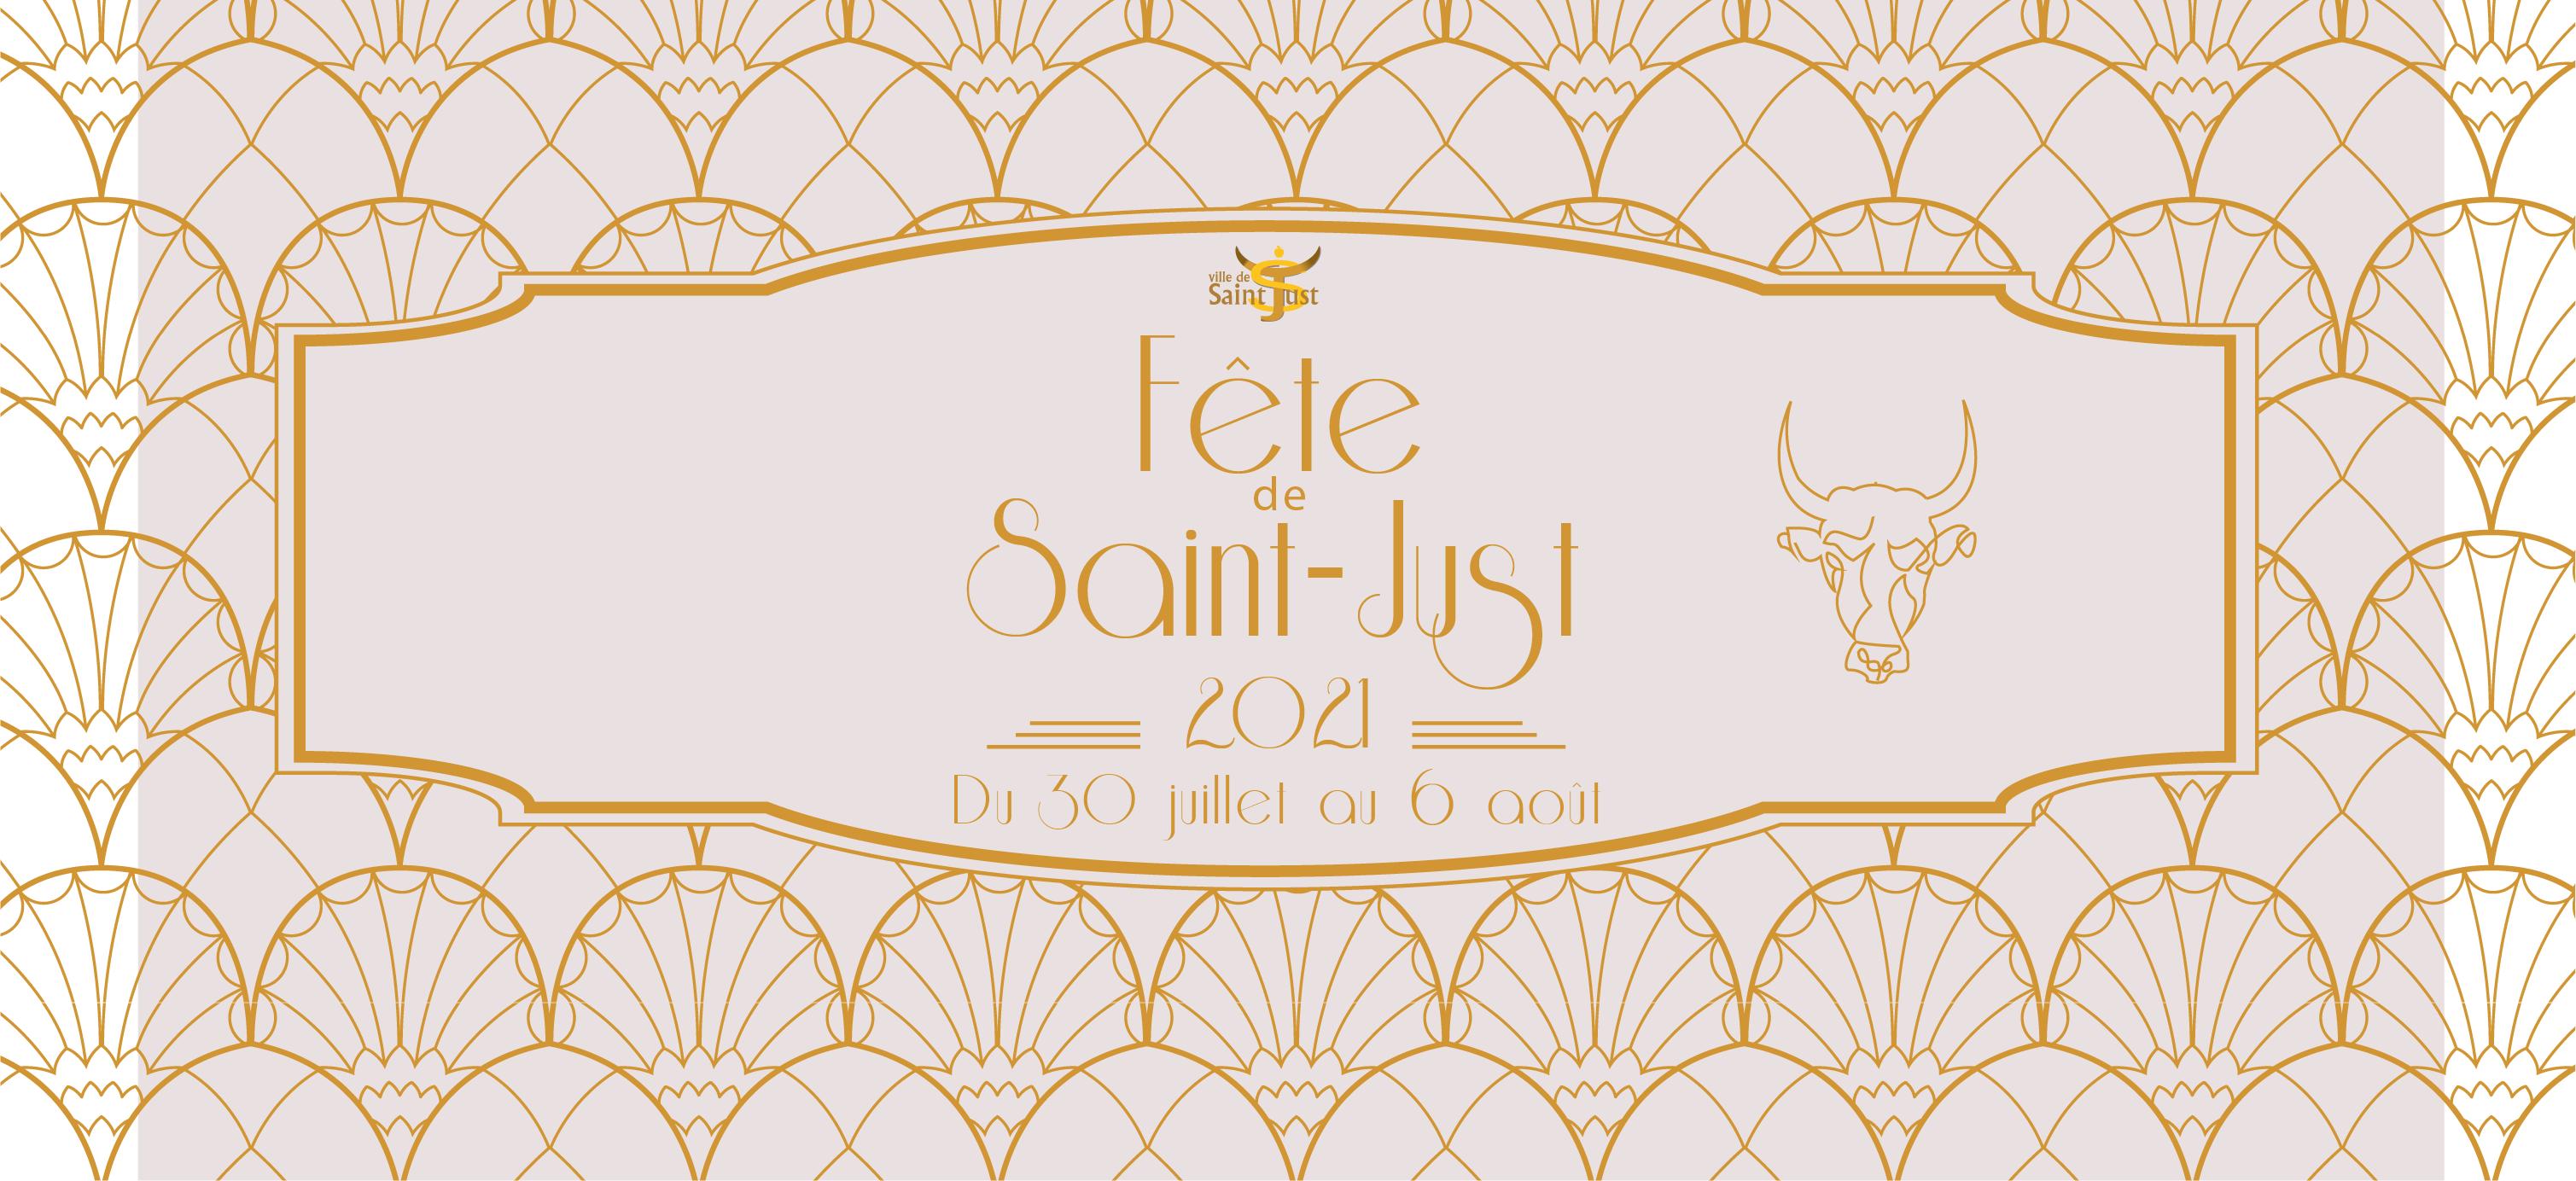 Image de couverture - Fête de Saint-Just 2021